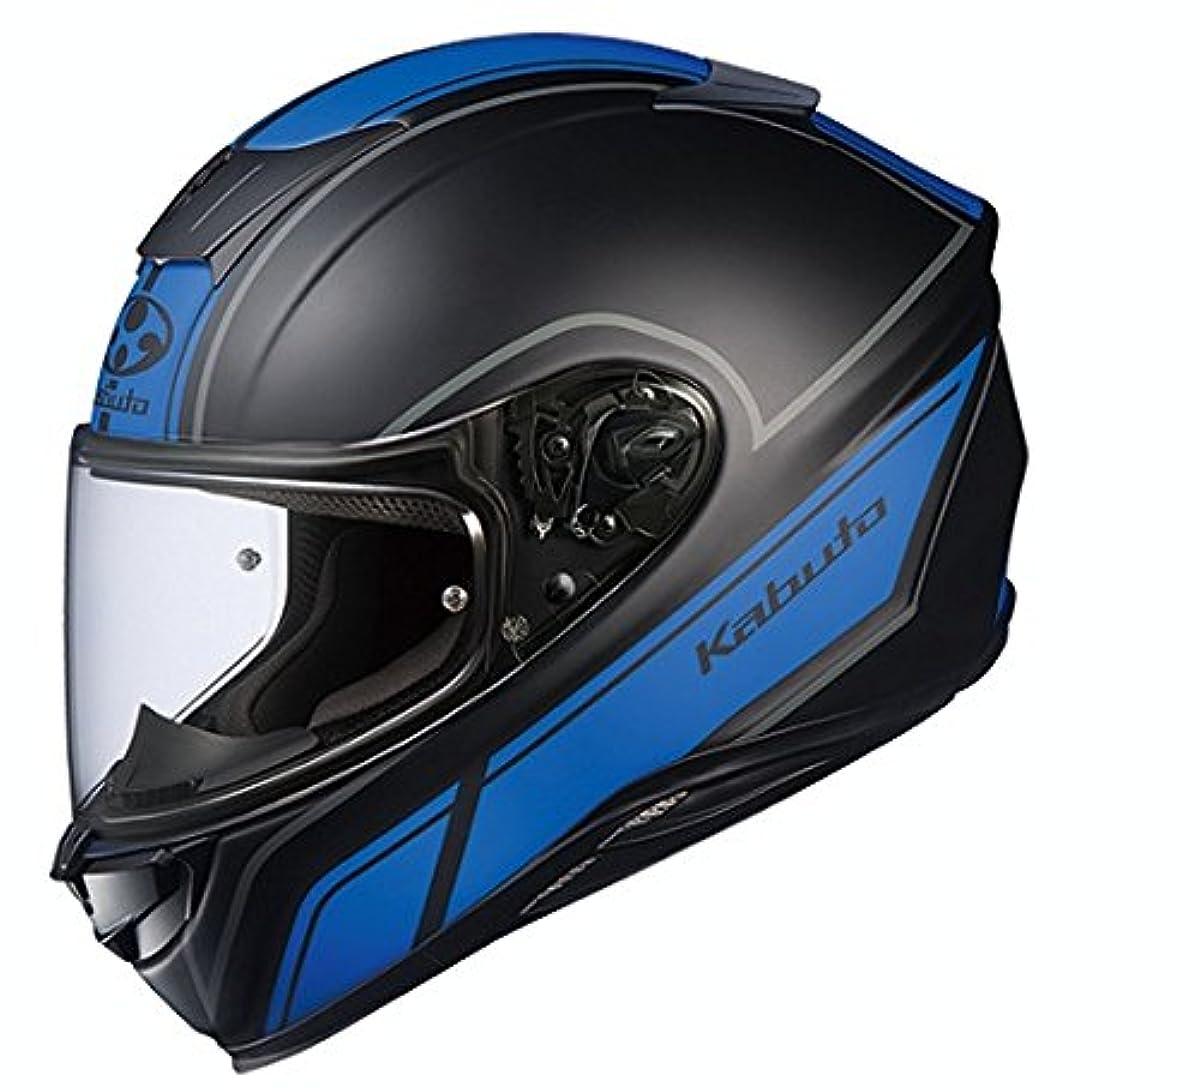 [해외] OG K (카부)카브도(OGK KABUTO)오토바이 헬멧 풀 페이스 AEROBLADE5 SMART(스마트) 플랫 블랙 블루 (사이즈:L) 575373